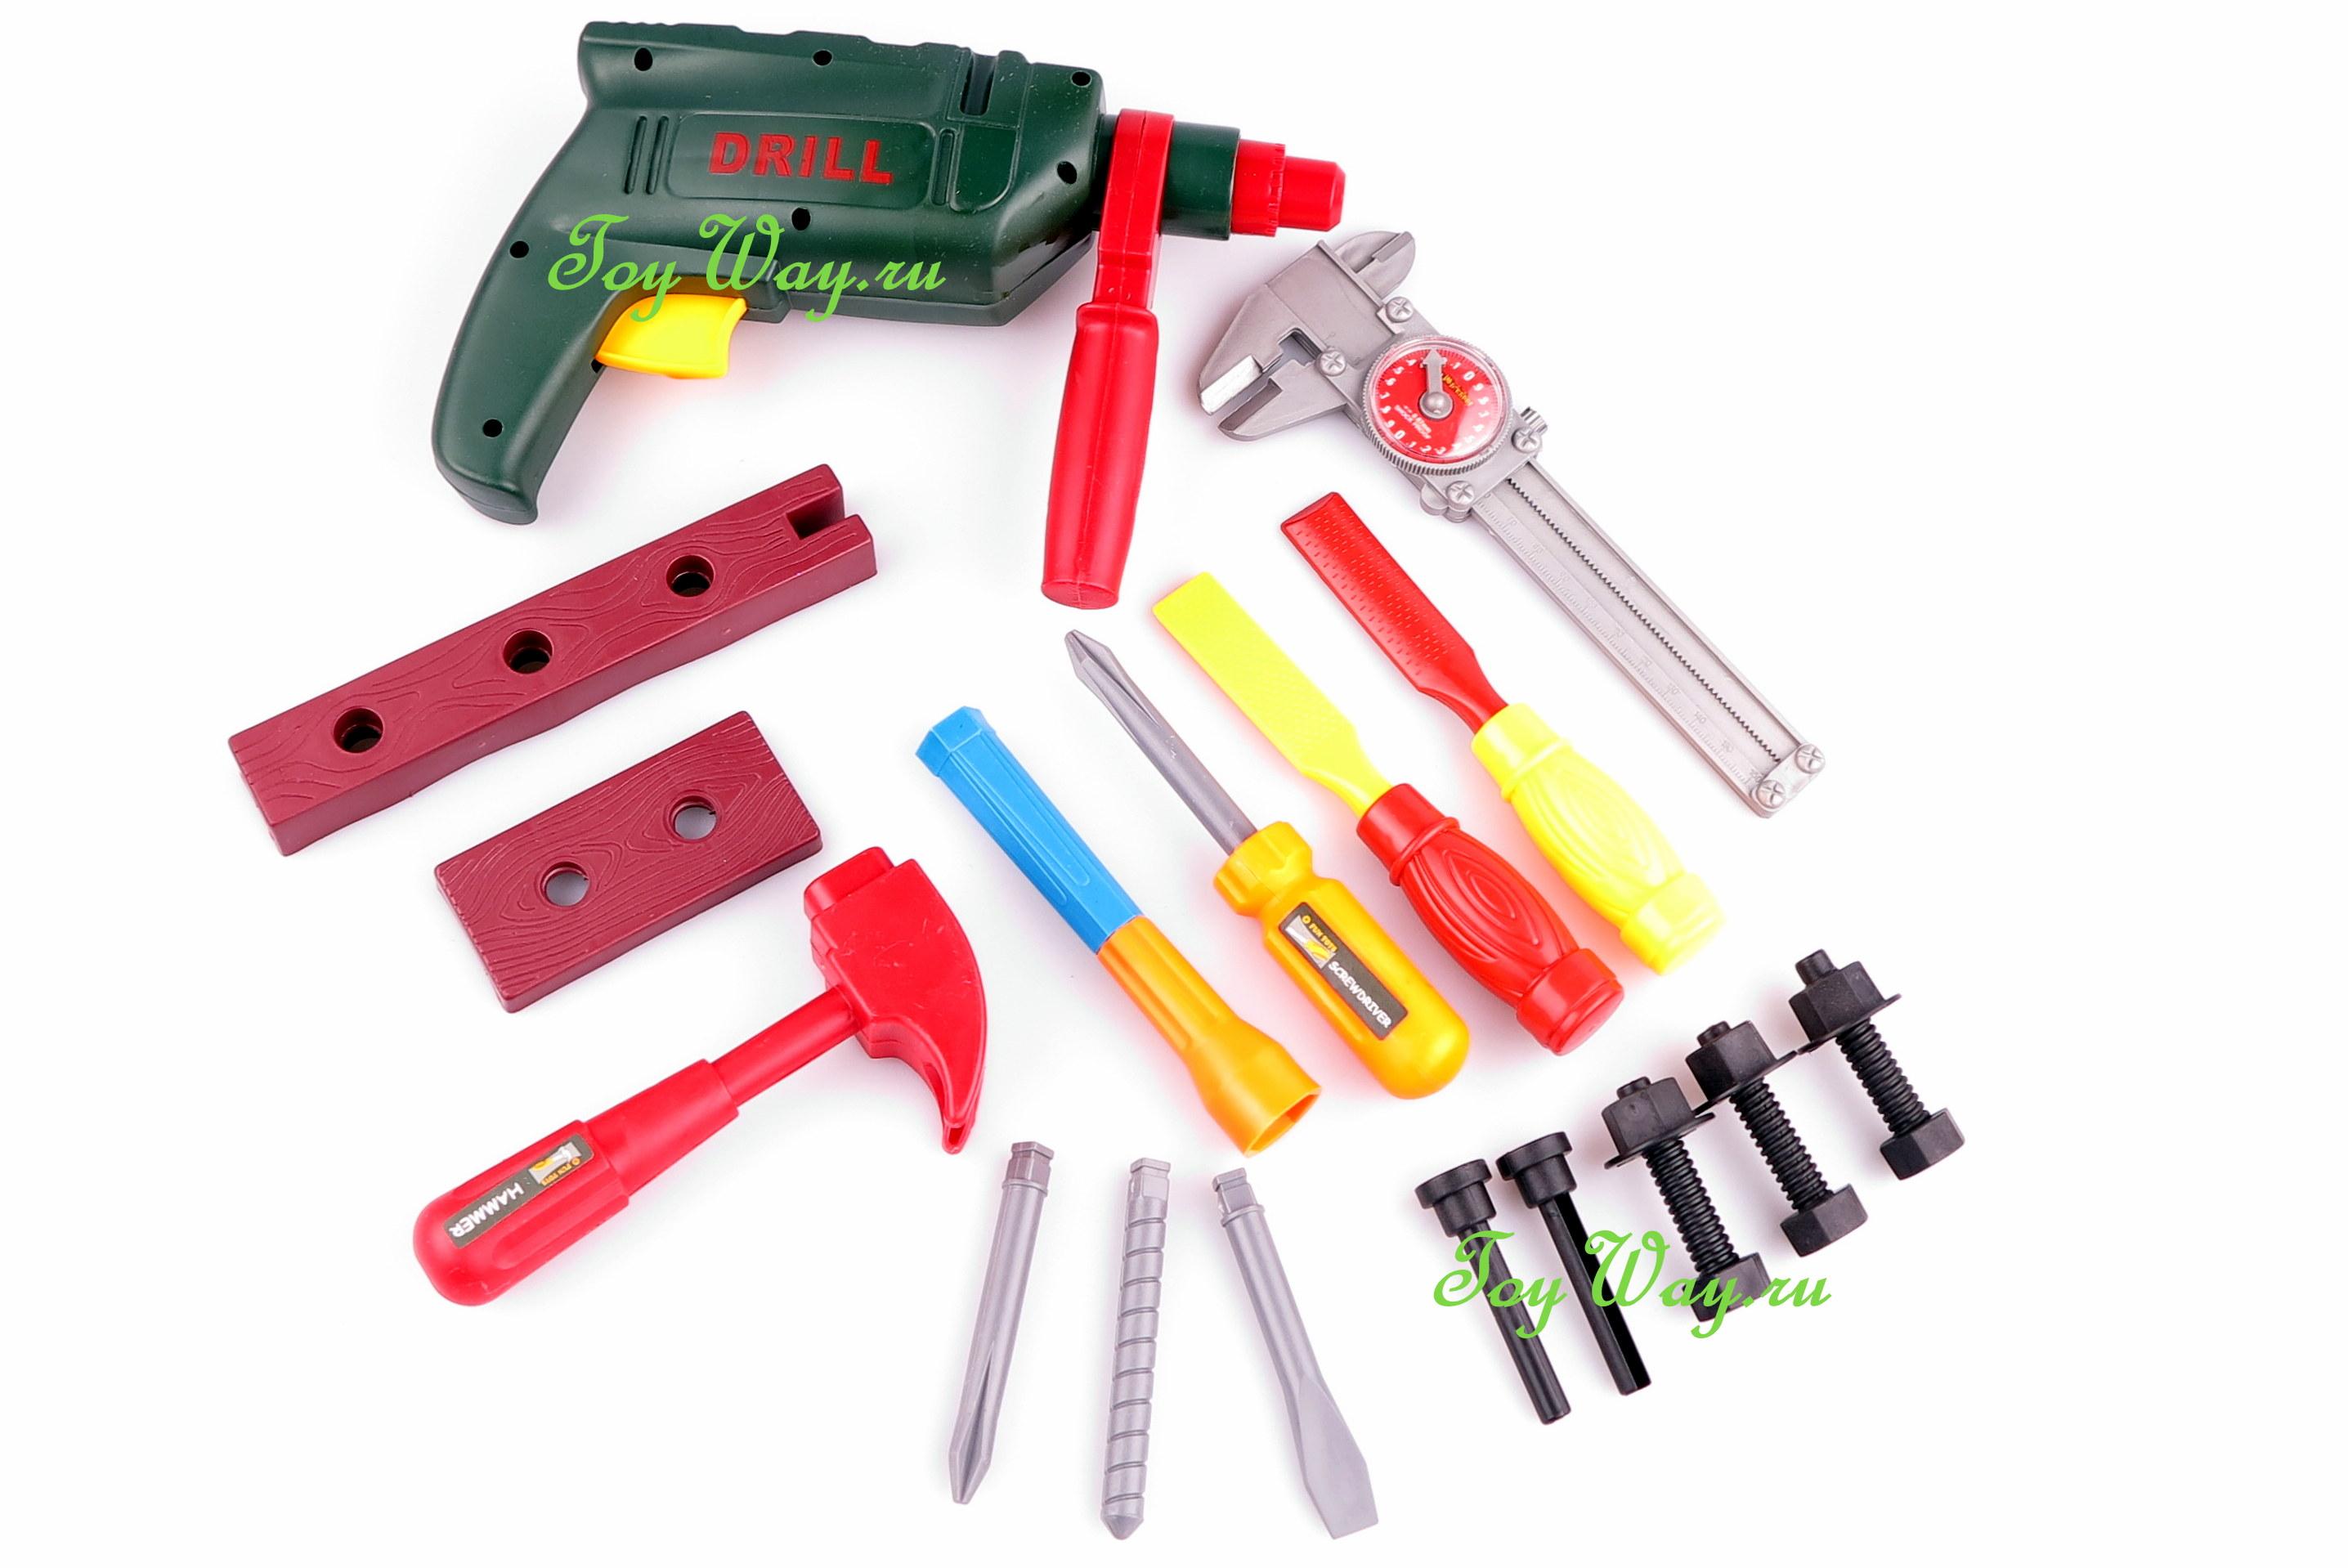 Игрушечный набор инструментов в чемодане, 20 предметов - Детские мастерские, инструменты, артикул: 63405